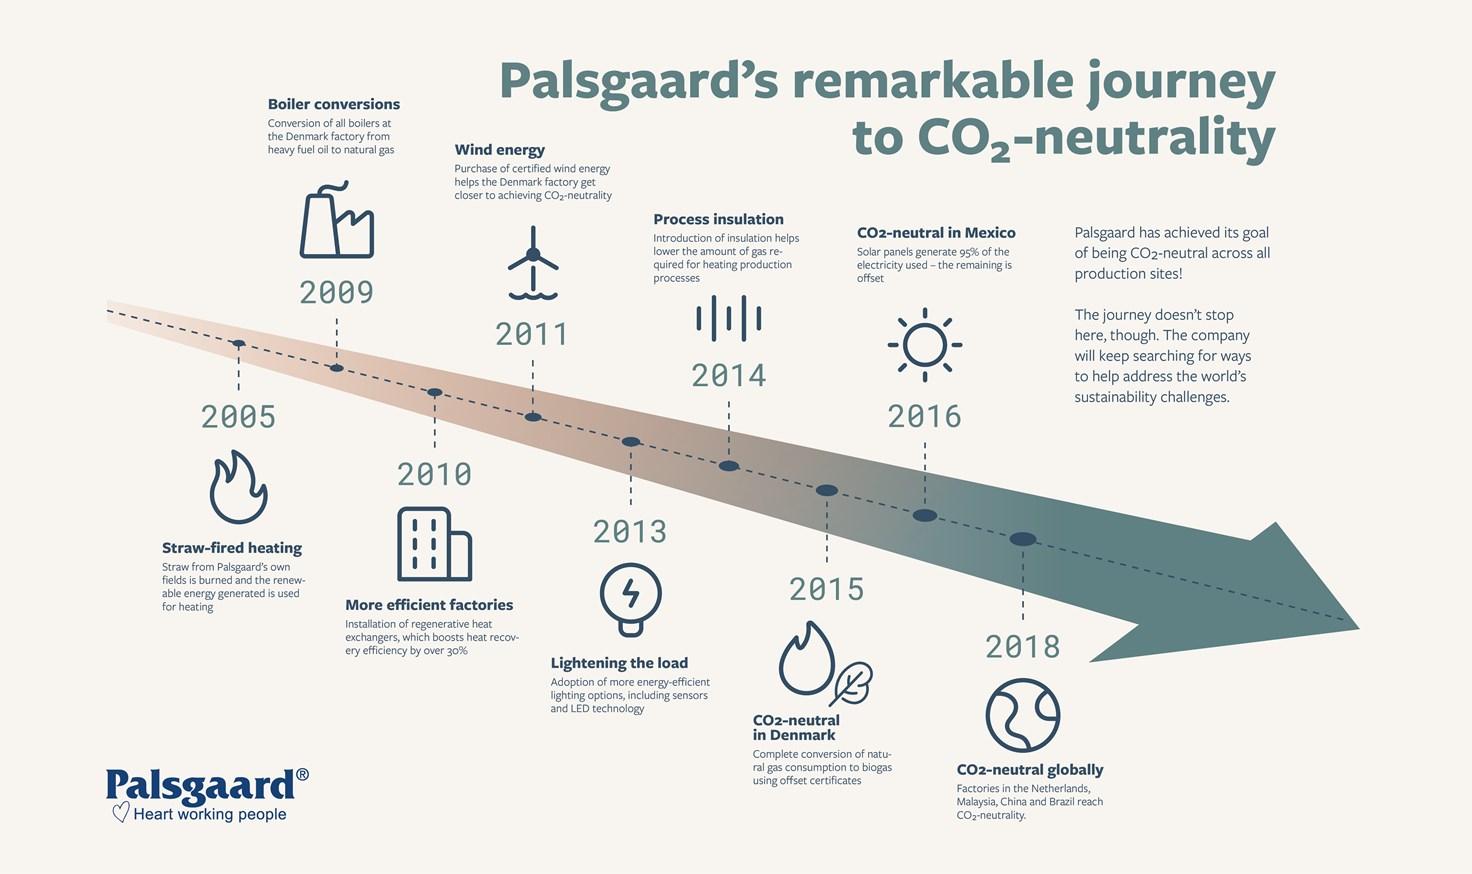 帕尔斯加德的碳中和之旅